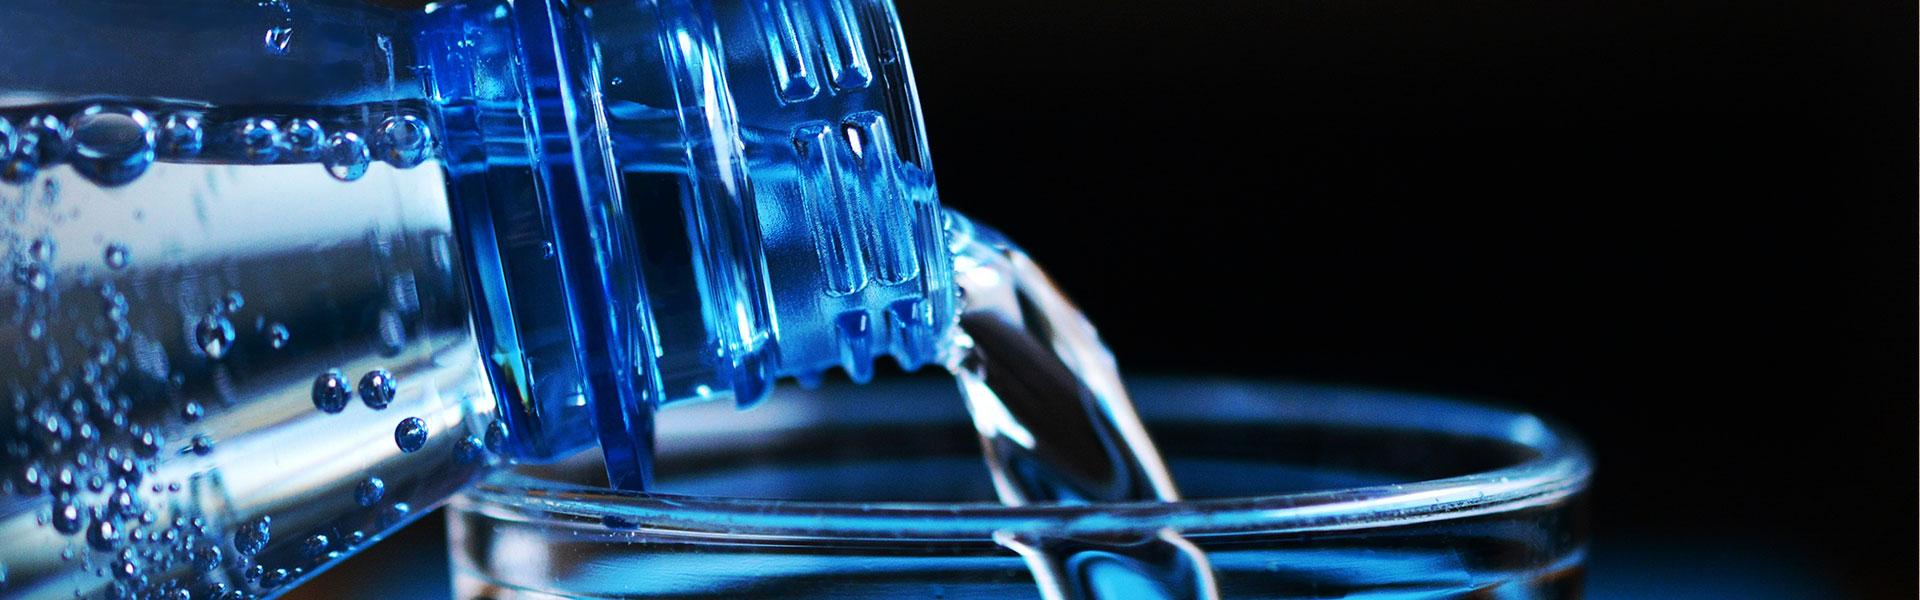 Água com Gás é saudável